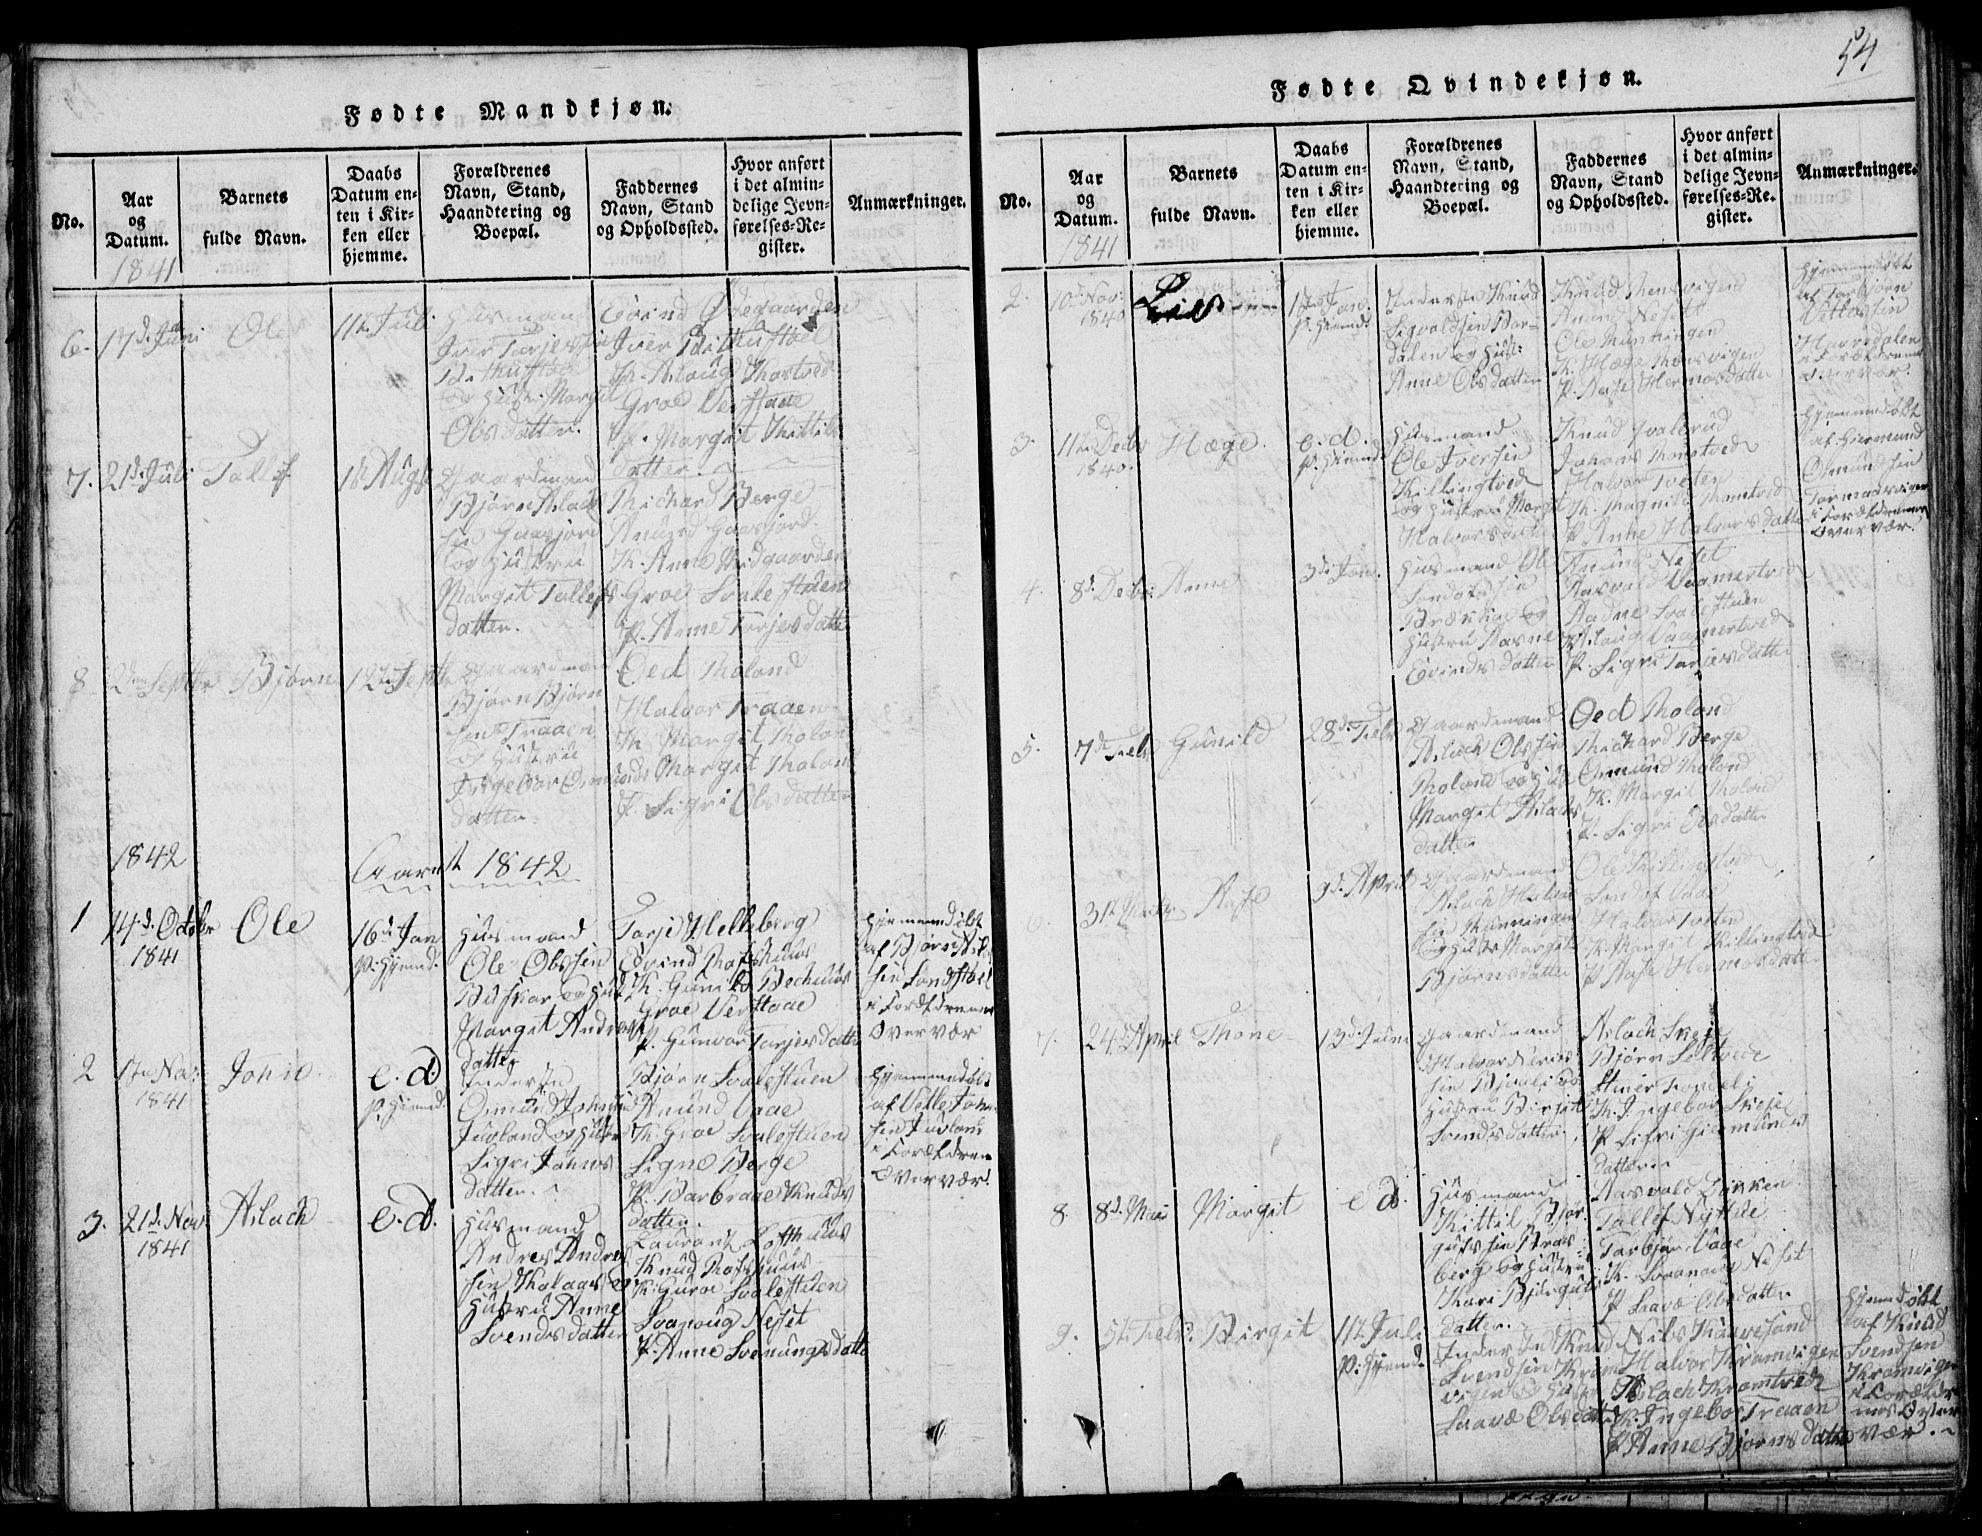 SAKO, Rauland kirkebøker, G/Ga/L0001: Klokkerbok nr. I 1, 1814-1843, s. 54